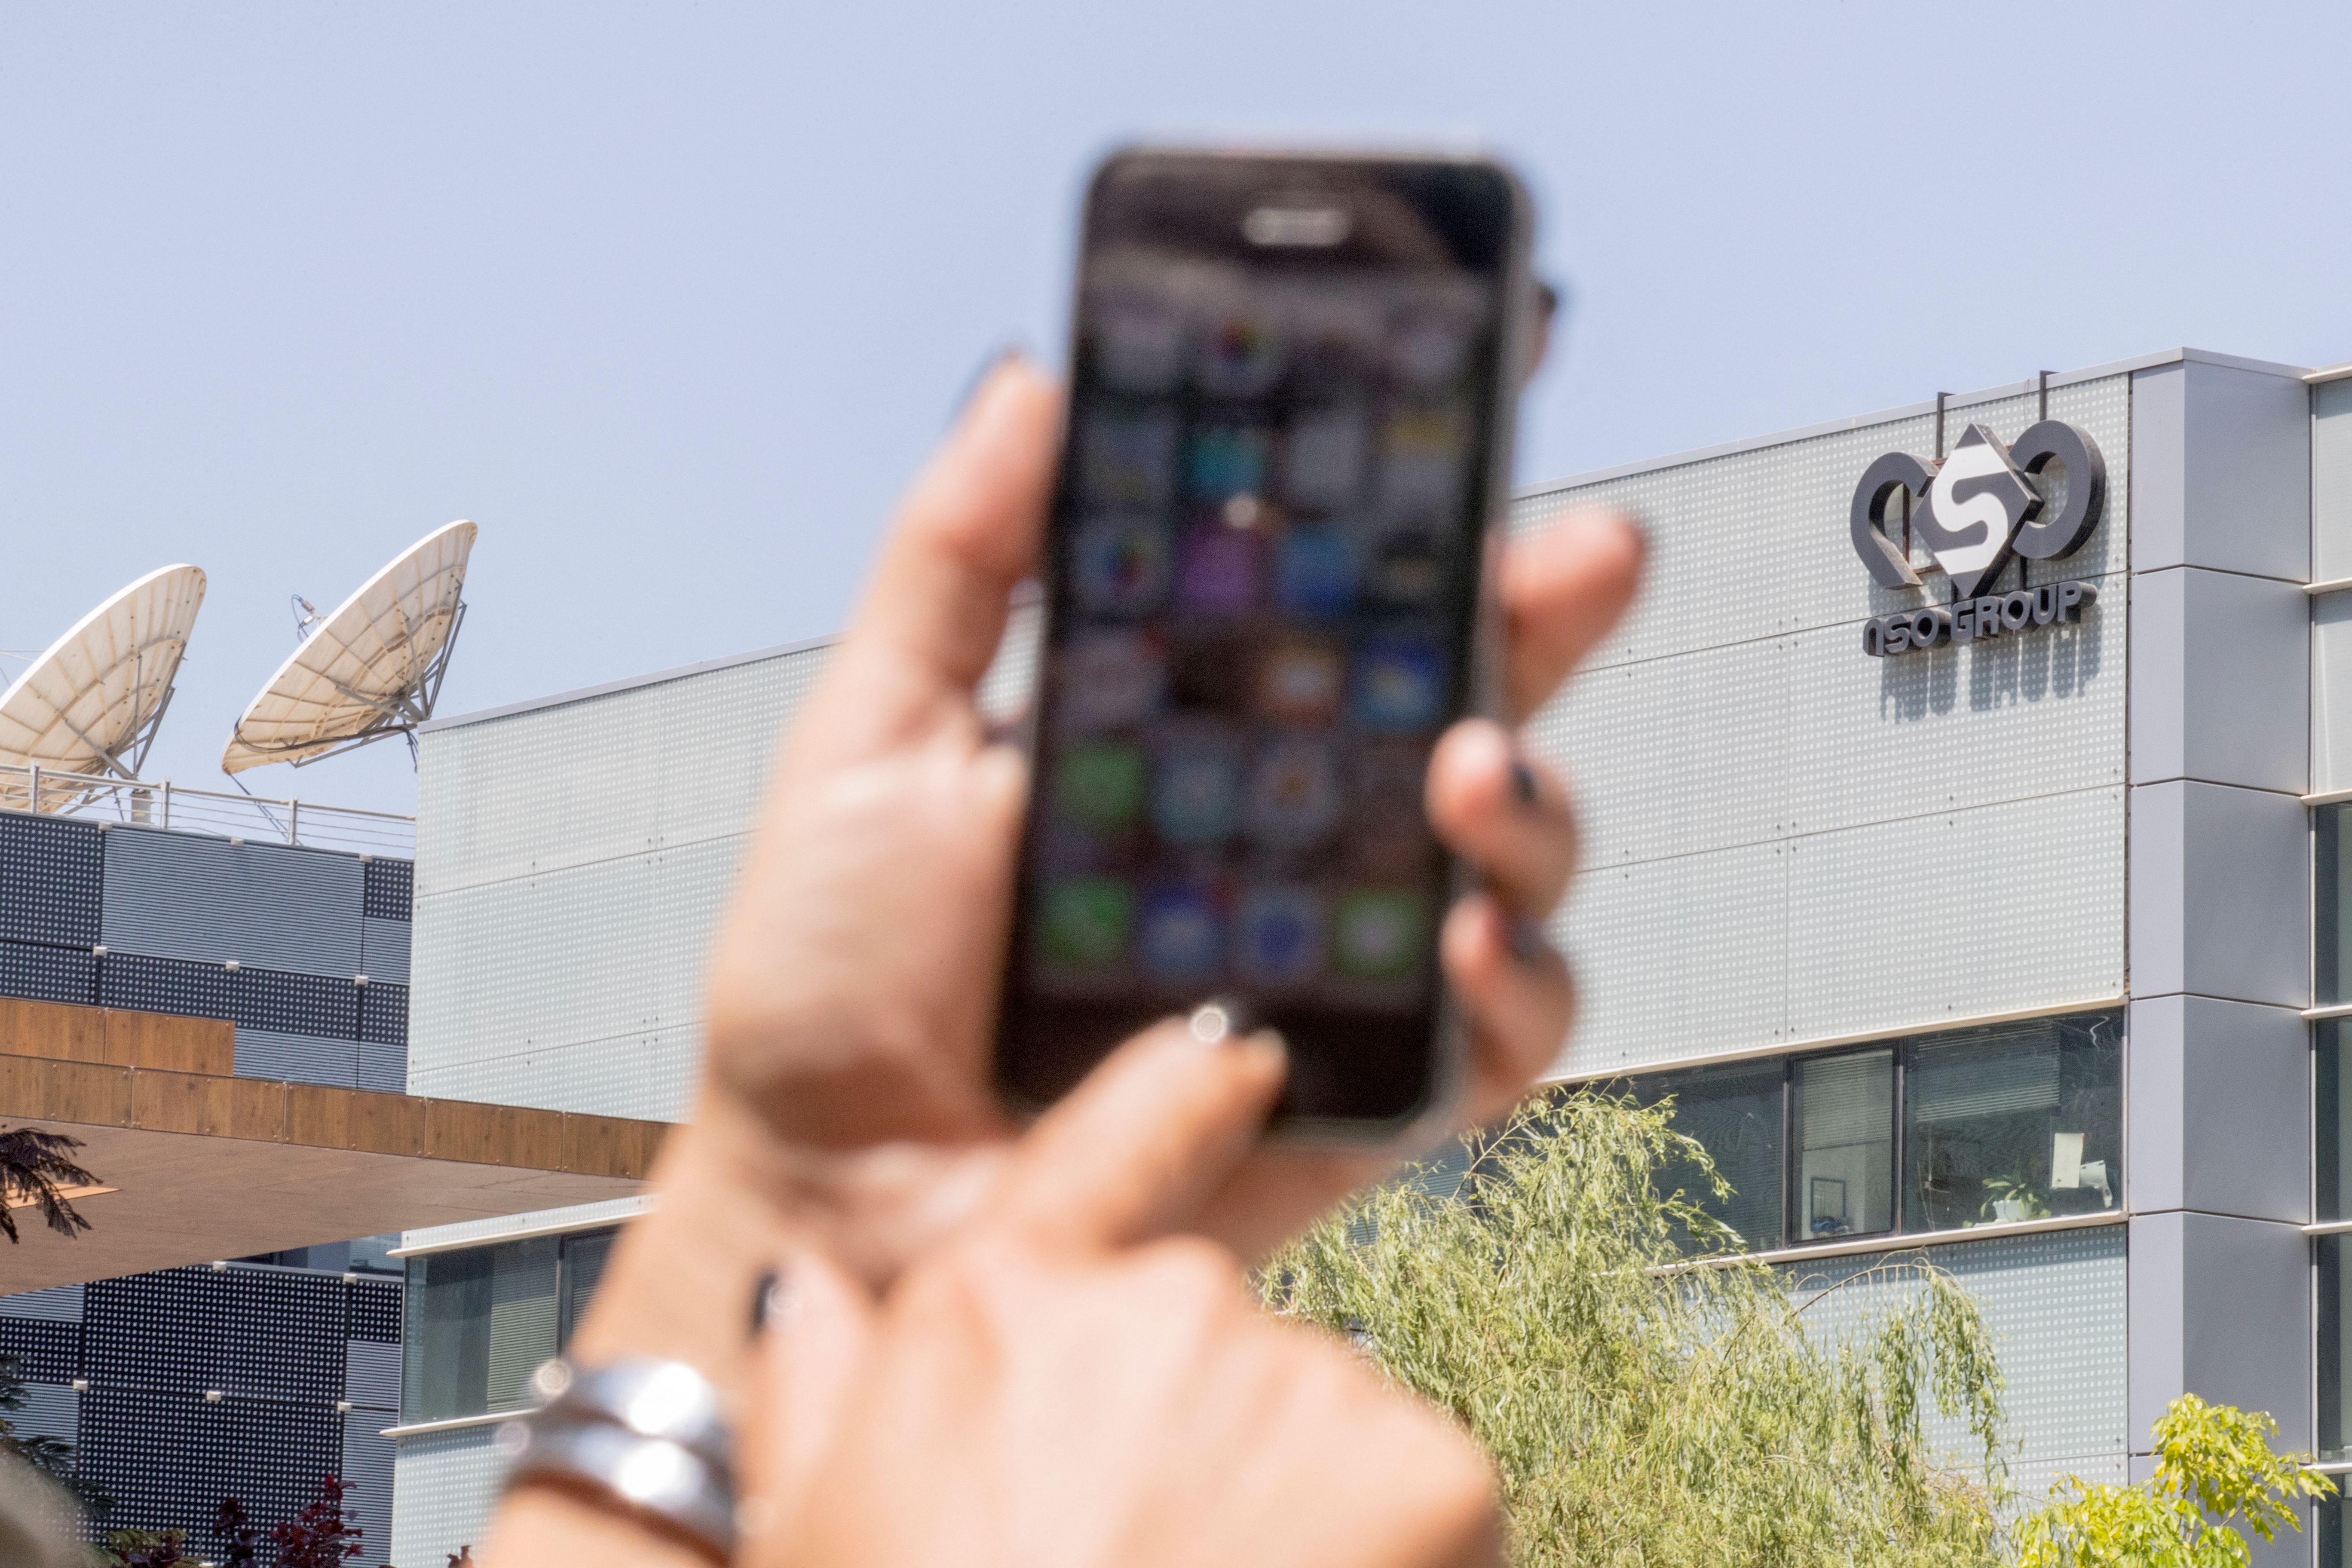 Pegasus, logiciel espion israélien, a surveillé journalistes et militants (photo d'illustration d'août